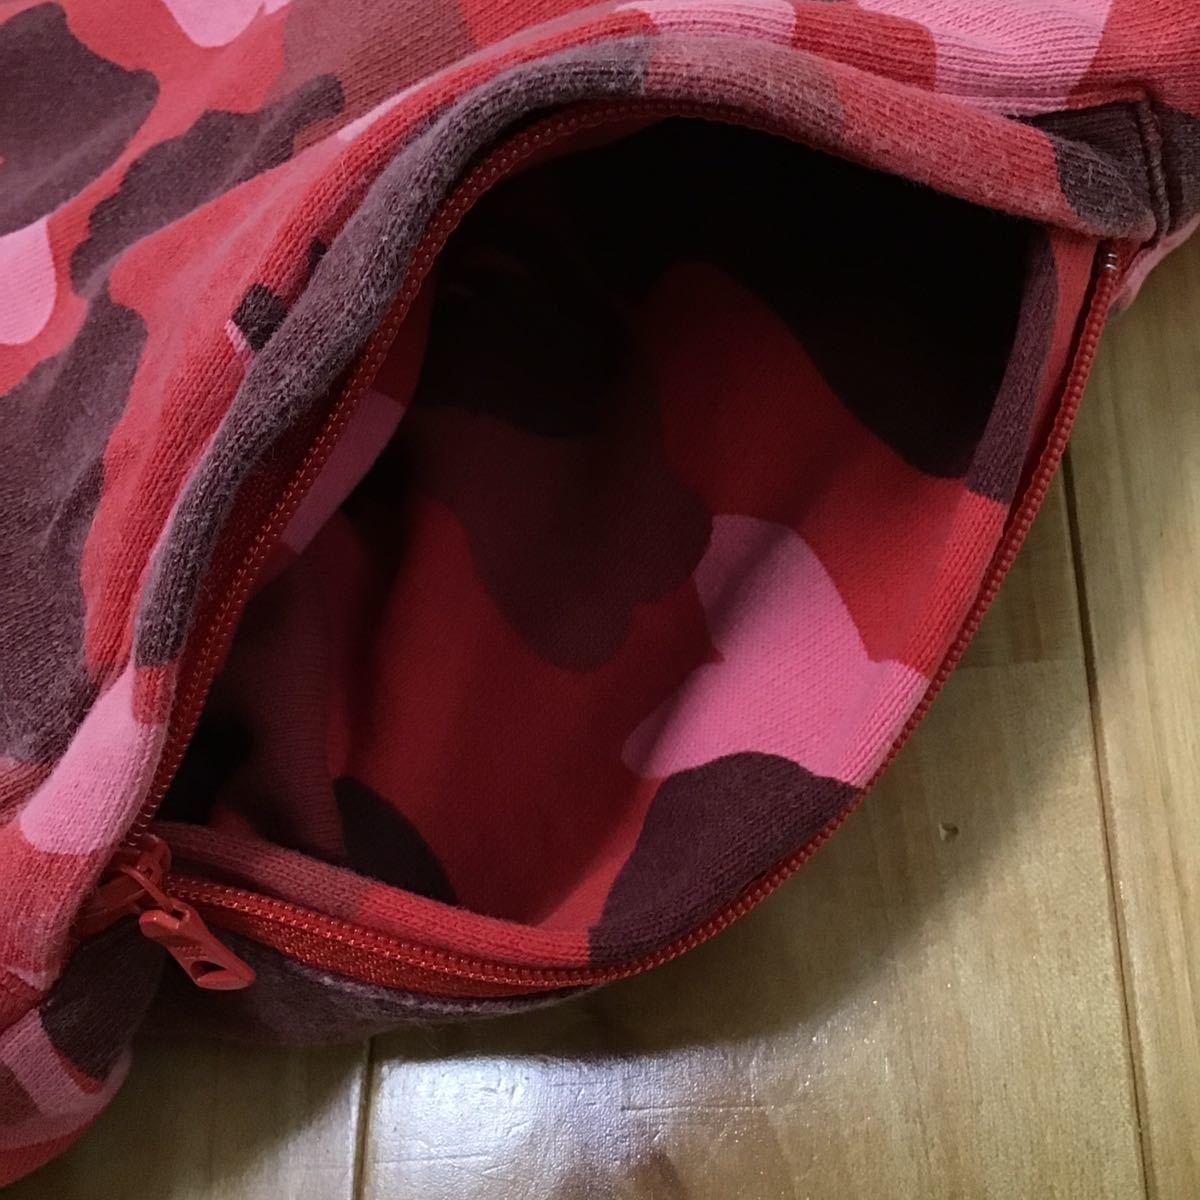 pharrell camo スウェット カーゴ ハーフパンツ Mサイズ a bathing ape BAPE shorts pants ショーツ red camo レッドカモ エイプ ベイプ 11